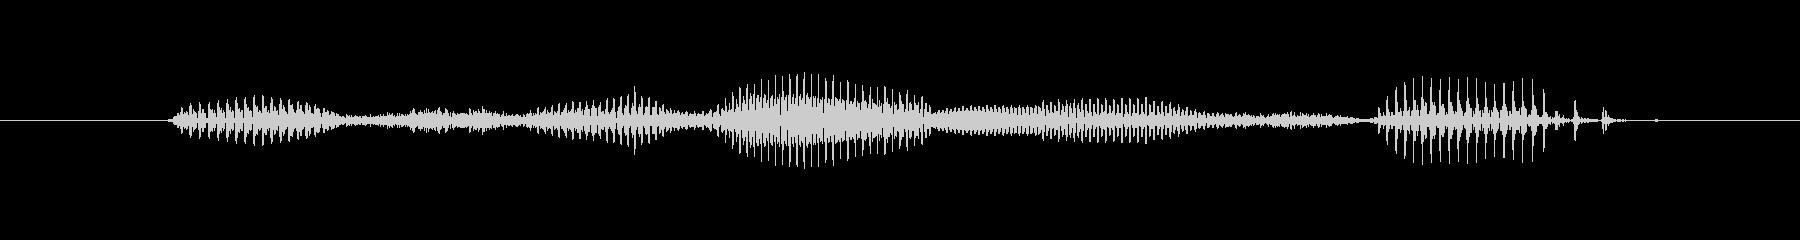 【星座】水瓶座の未再生の波形